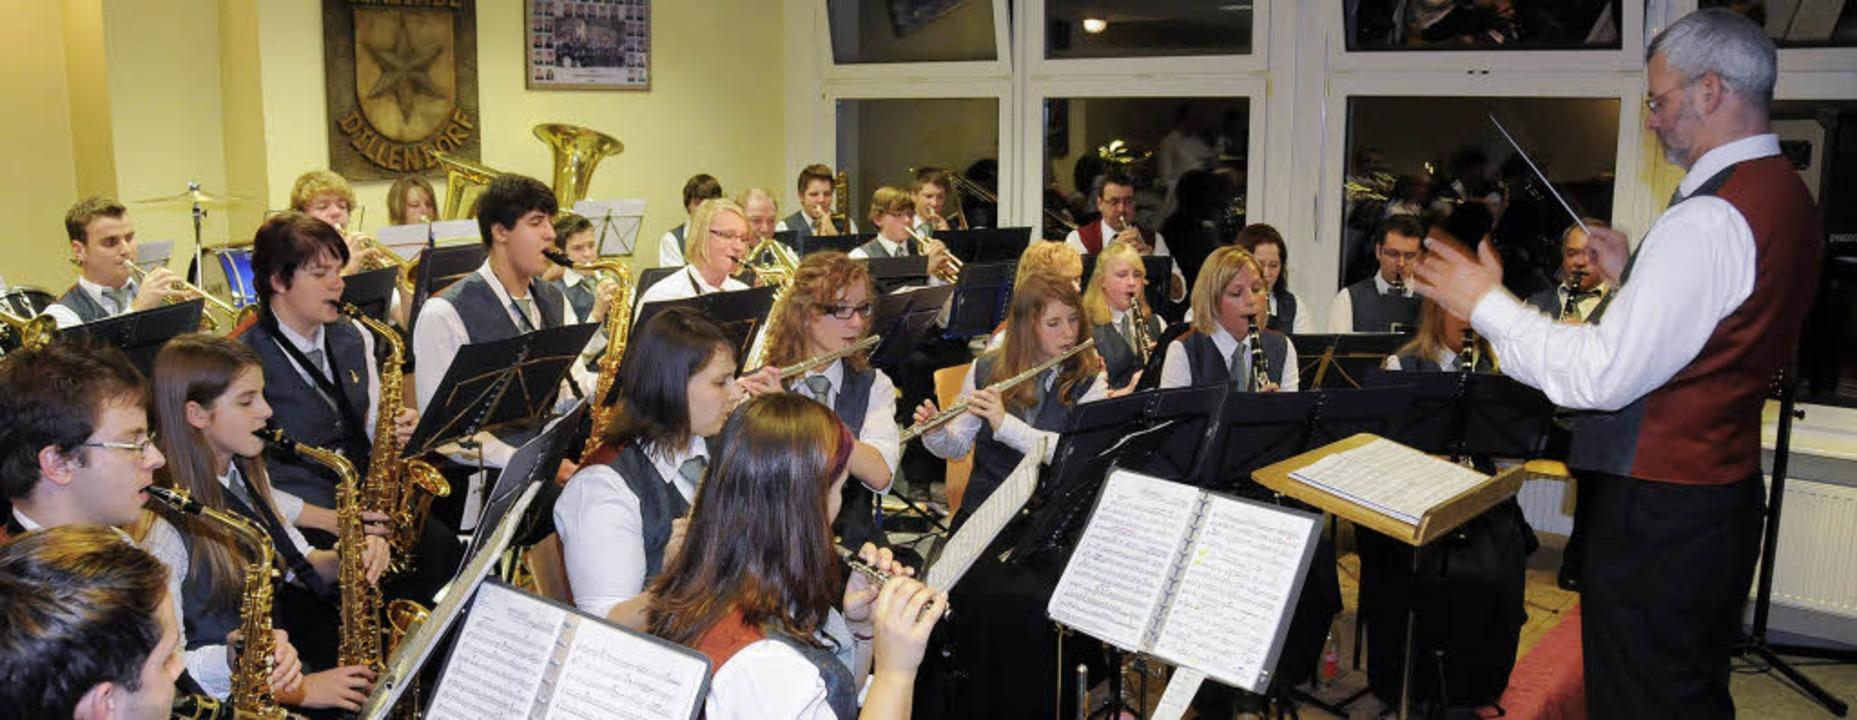 Der Musikverein Dillendorf mit seinem ...ihnachtskonzert flexibel und brillant.    Foto: Dietmar Noeske